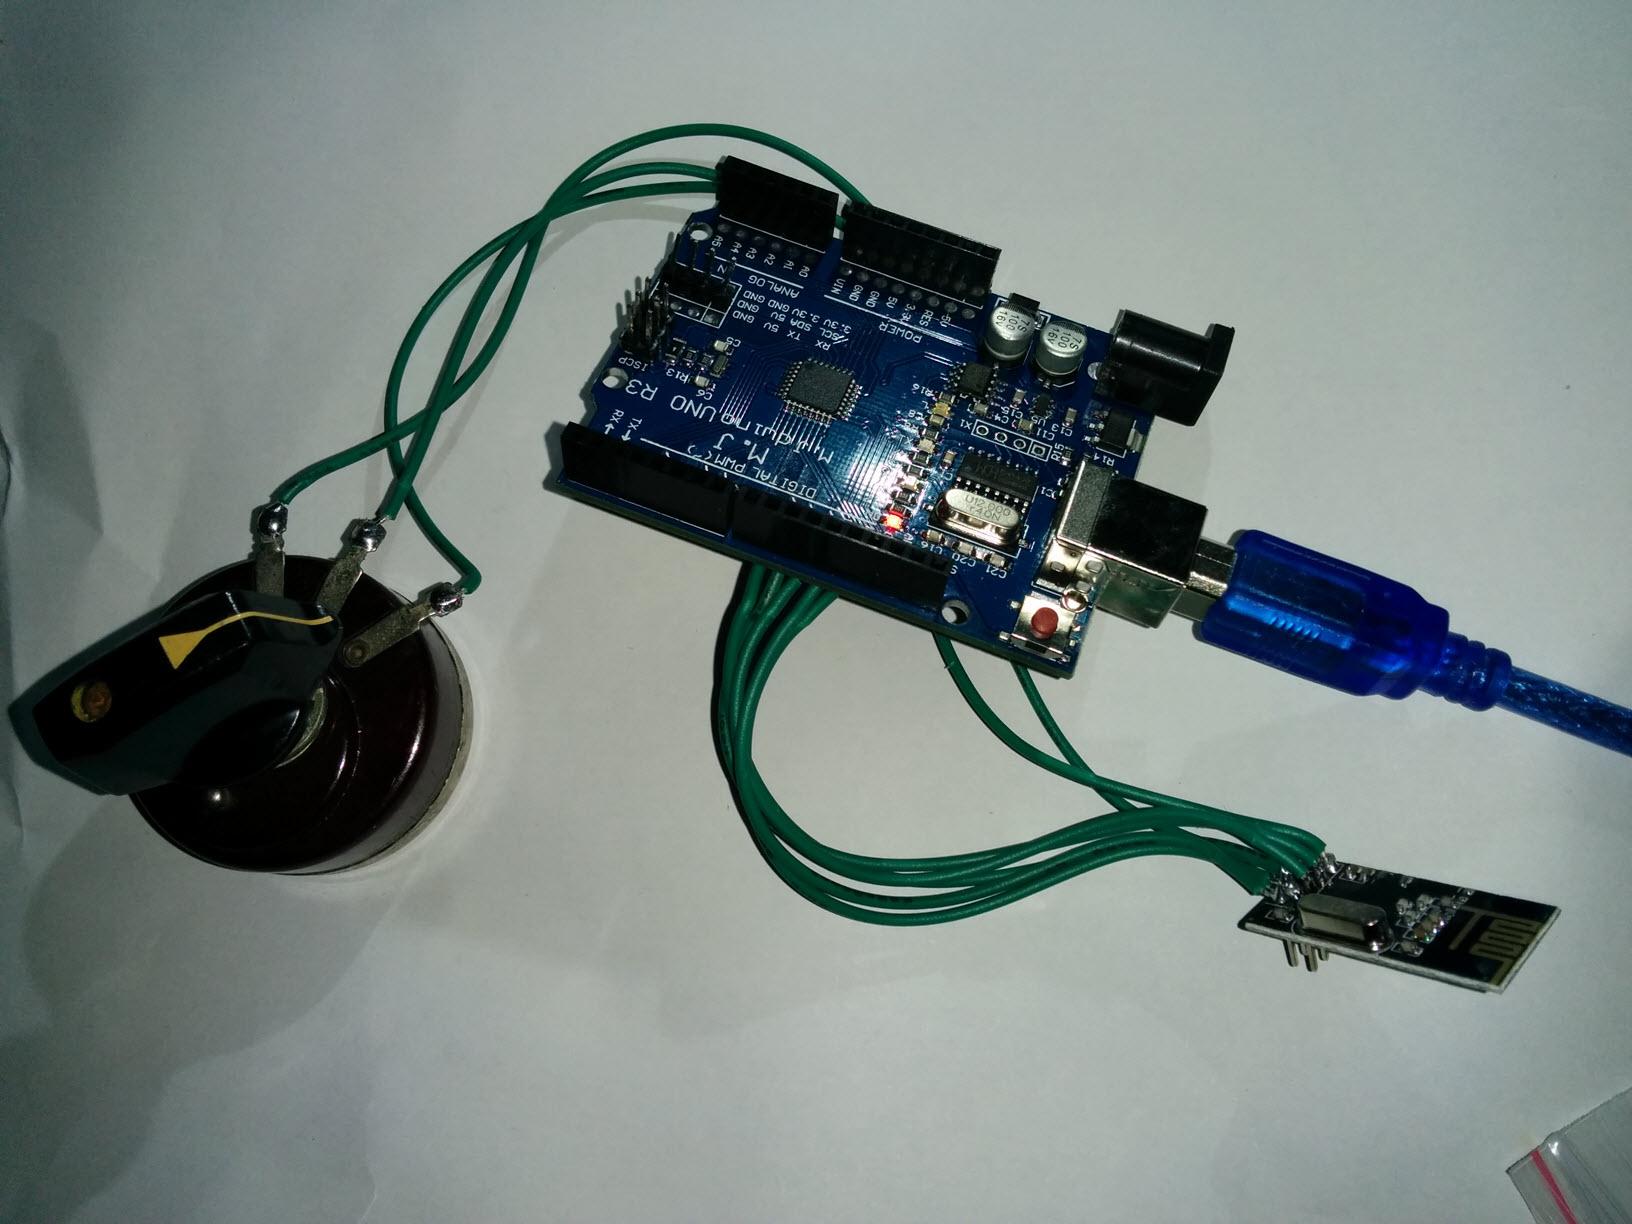 arduino连接nrf24l01无线收发模块